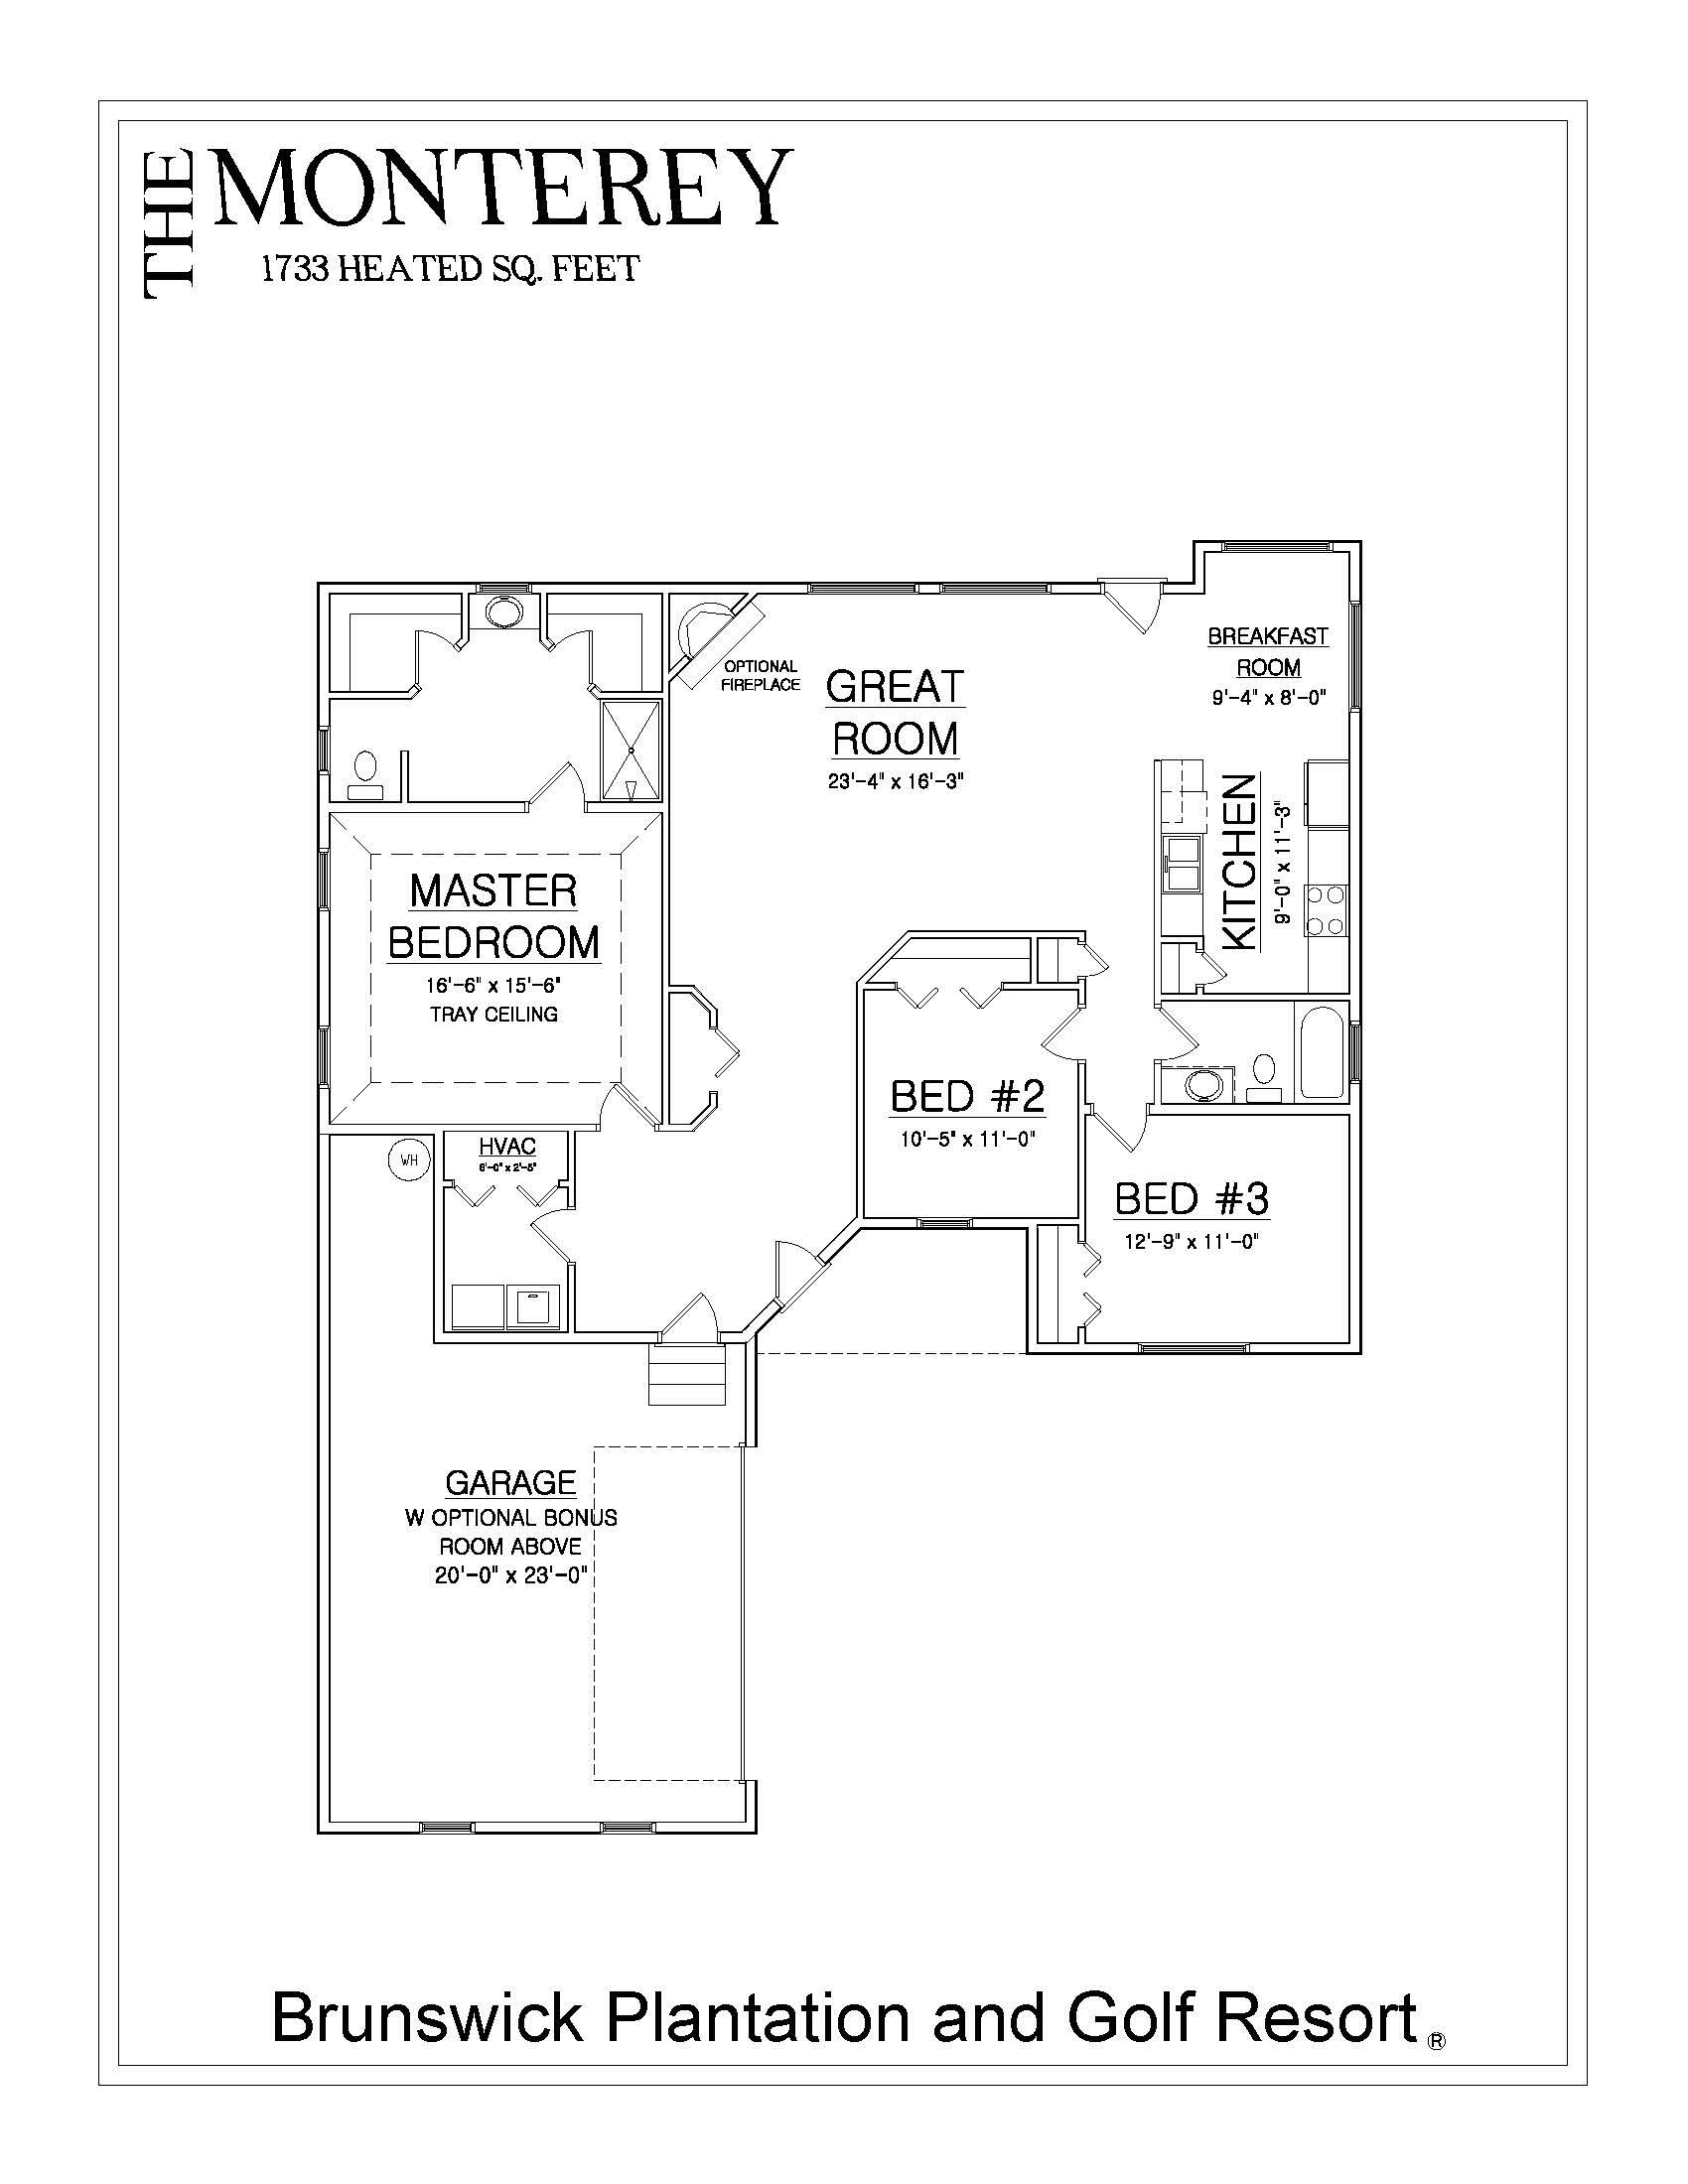 MONTEREY MKT Floorplan for website 5.25.16